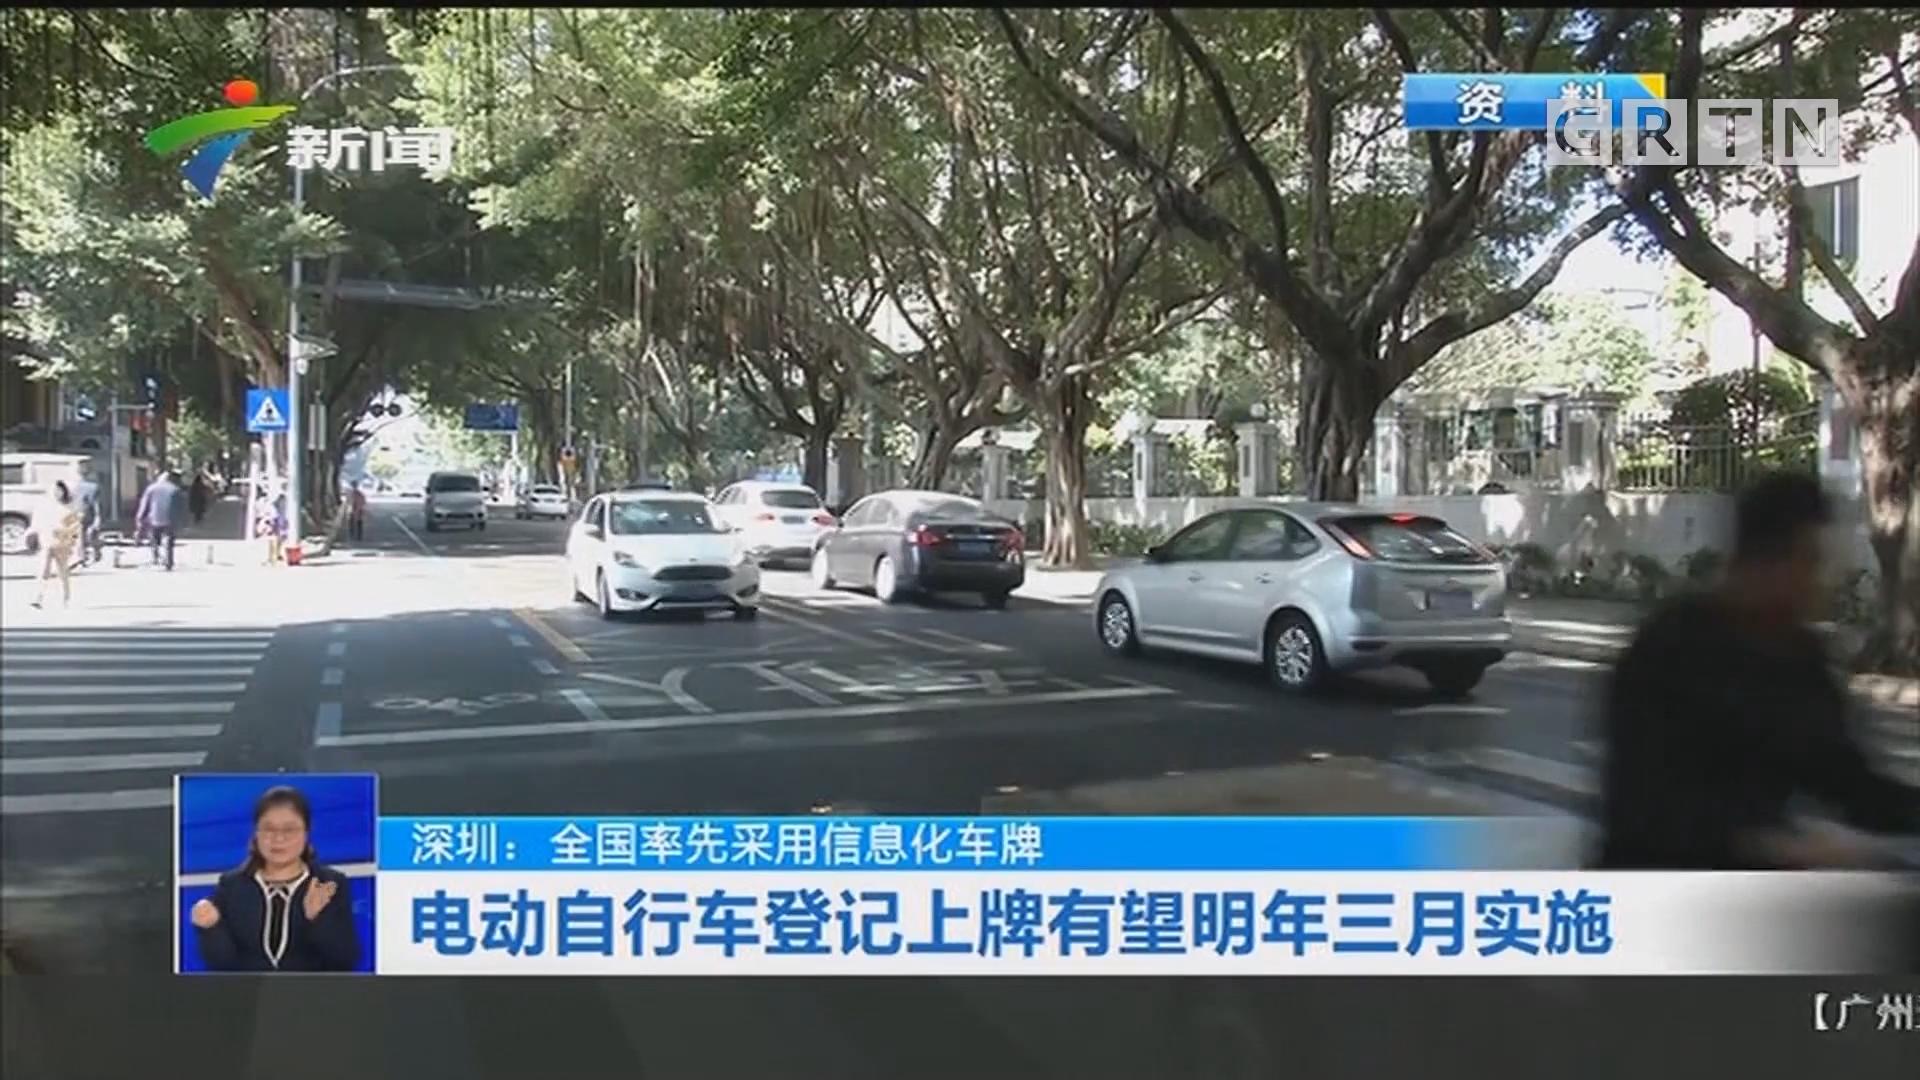 深圳:全国率先采用信息化车牌 电动自行车登记上牌有望明年三月实施